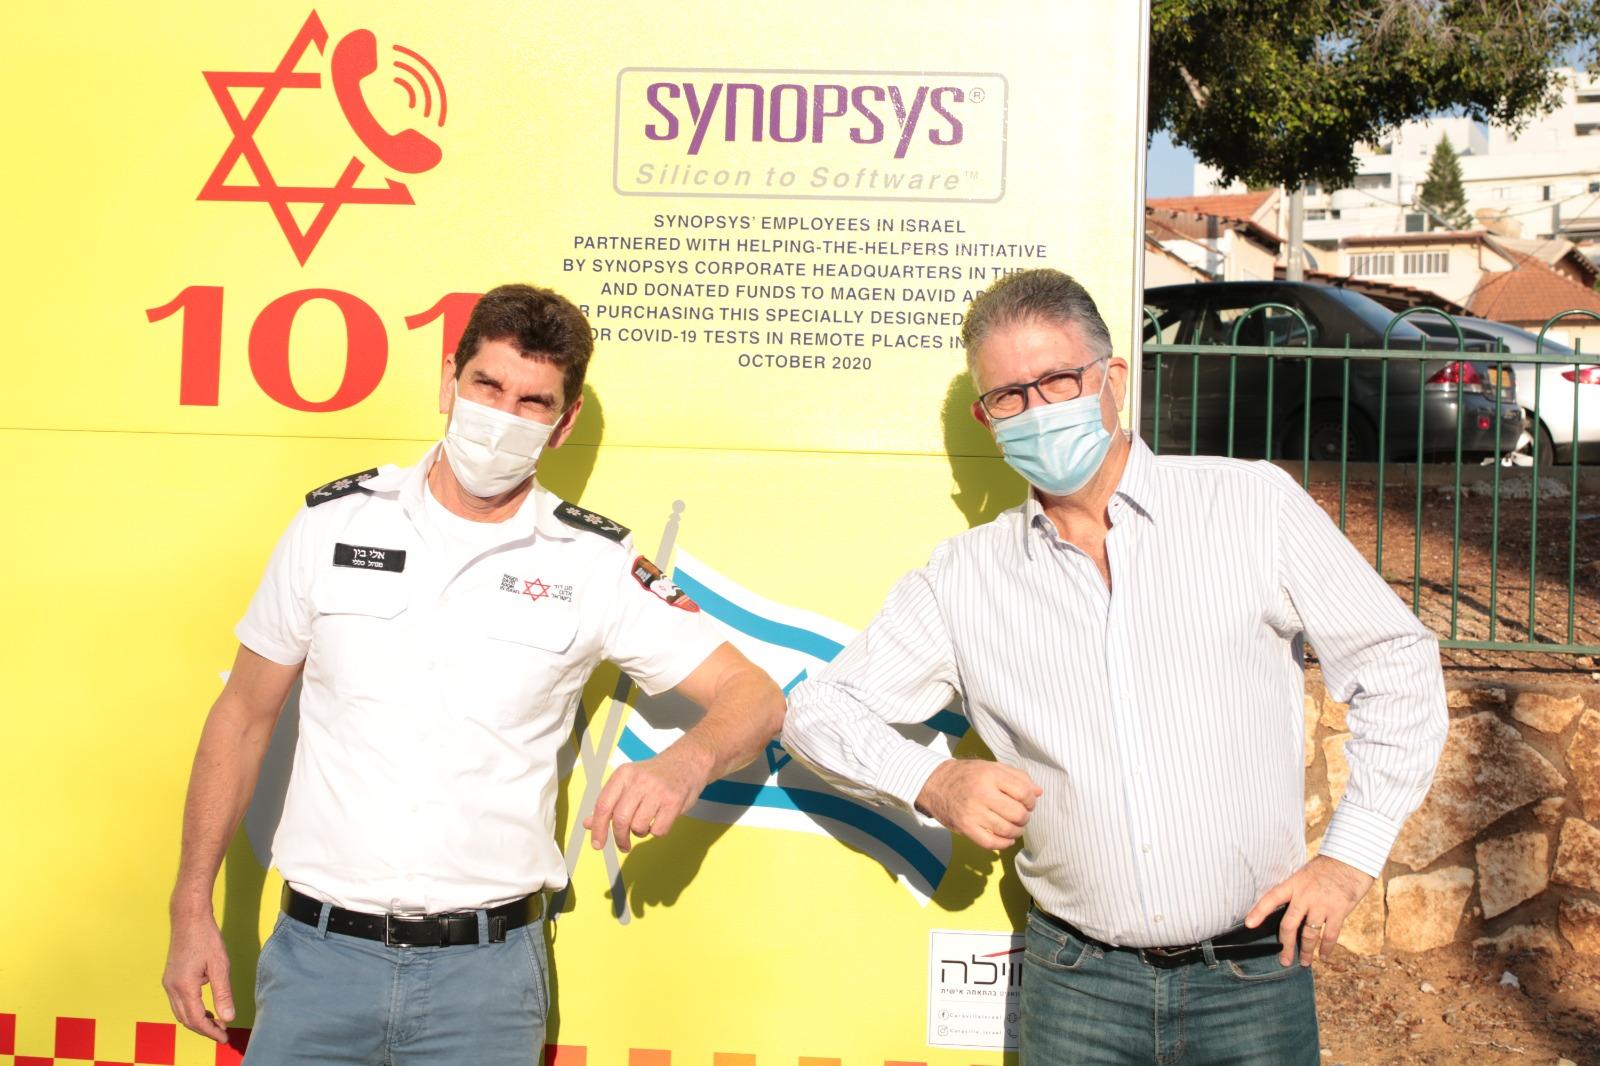 מימין לשמאל - אהוד לוונשטיין, מנכ''ל סינופסיס ישראל ואלי בין, מנכ''ל מדא. צילום - ליאור קליינברג